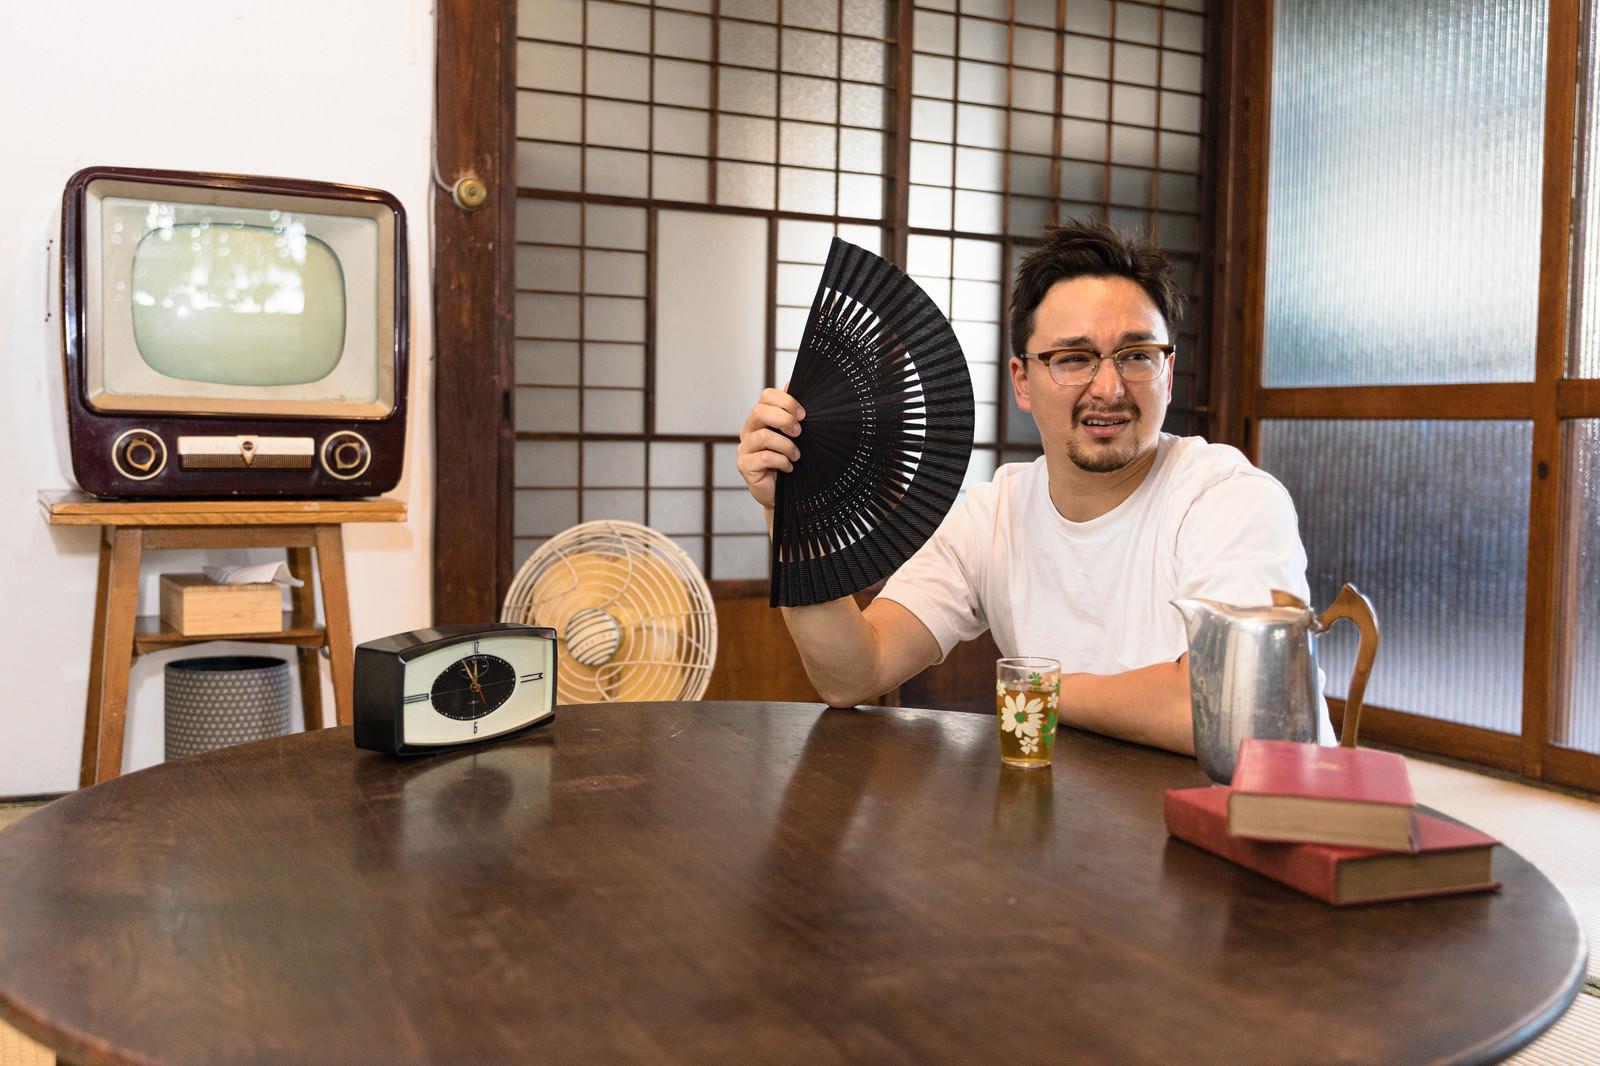 「古民家に民泊したものの冷房がなくて暑い外国人」の写真[モデル:Max_Ezaki]